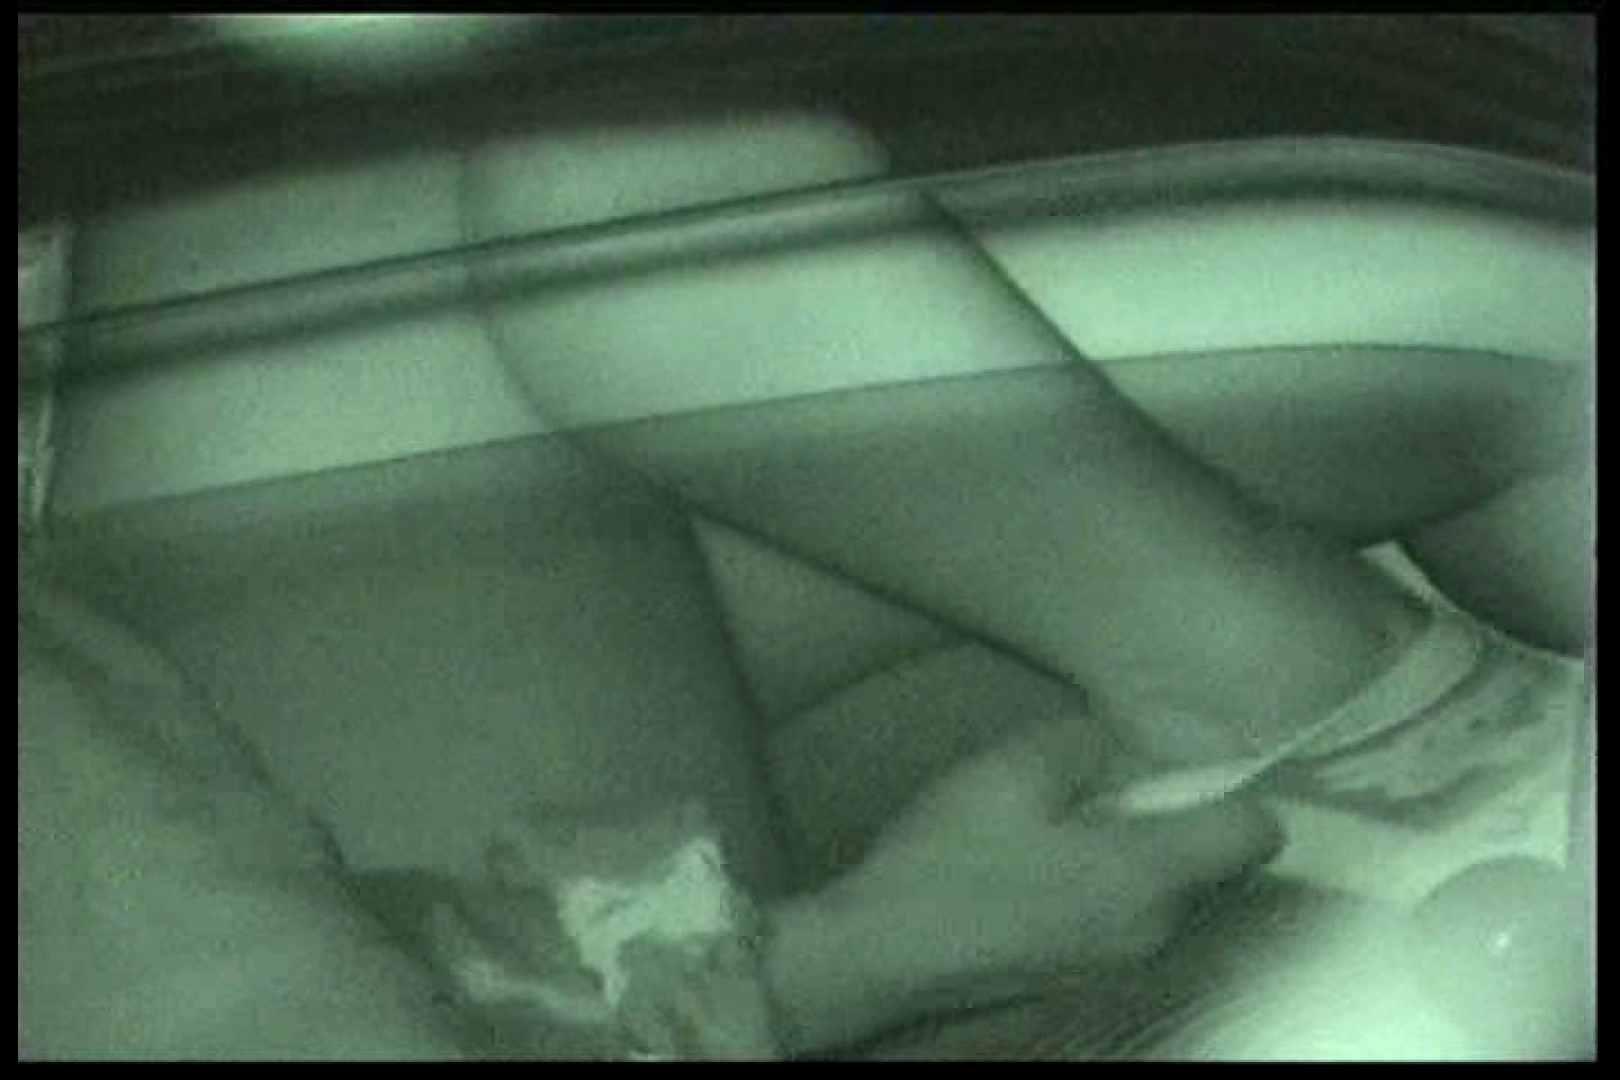 車の中はラブホテル 無修正版  Vol.13 赤外線 スケベ動画紹介 80連発 71